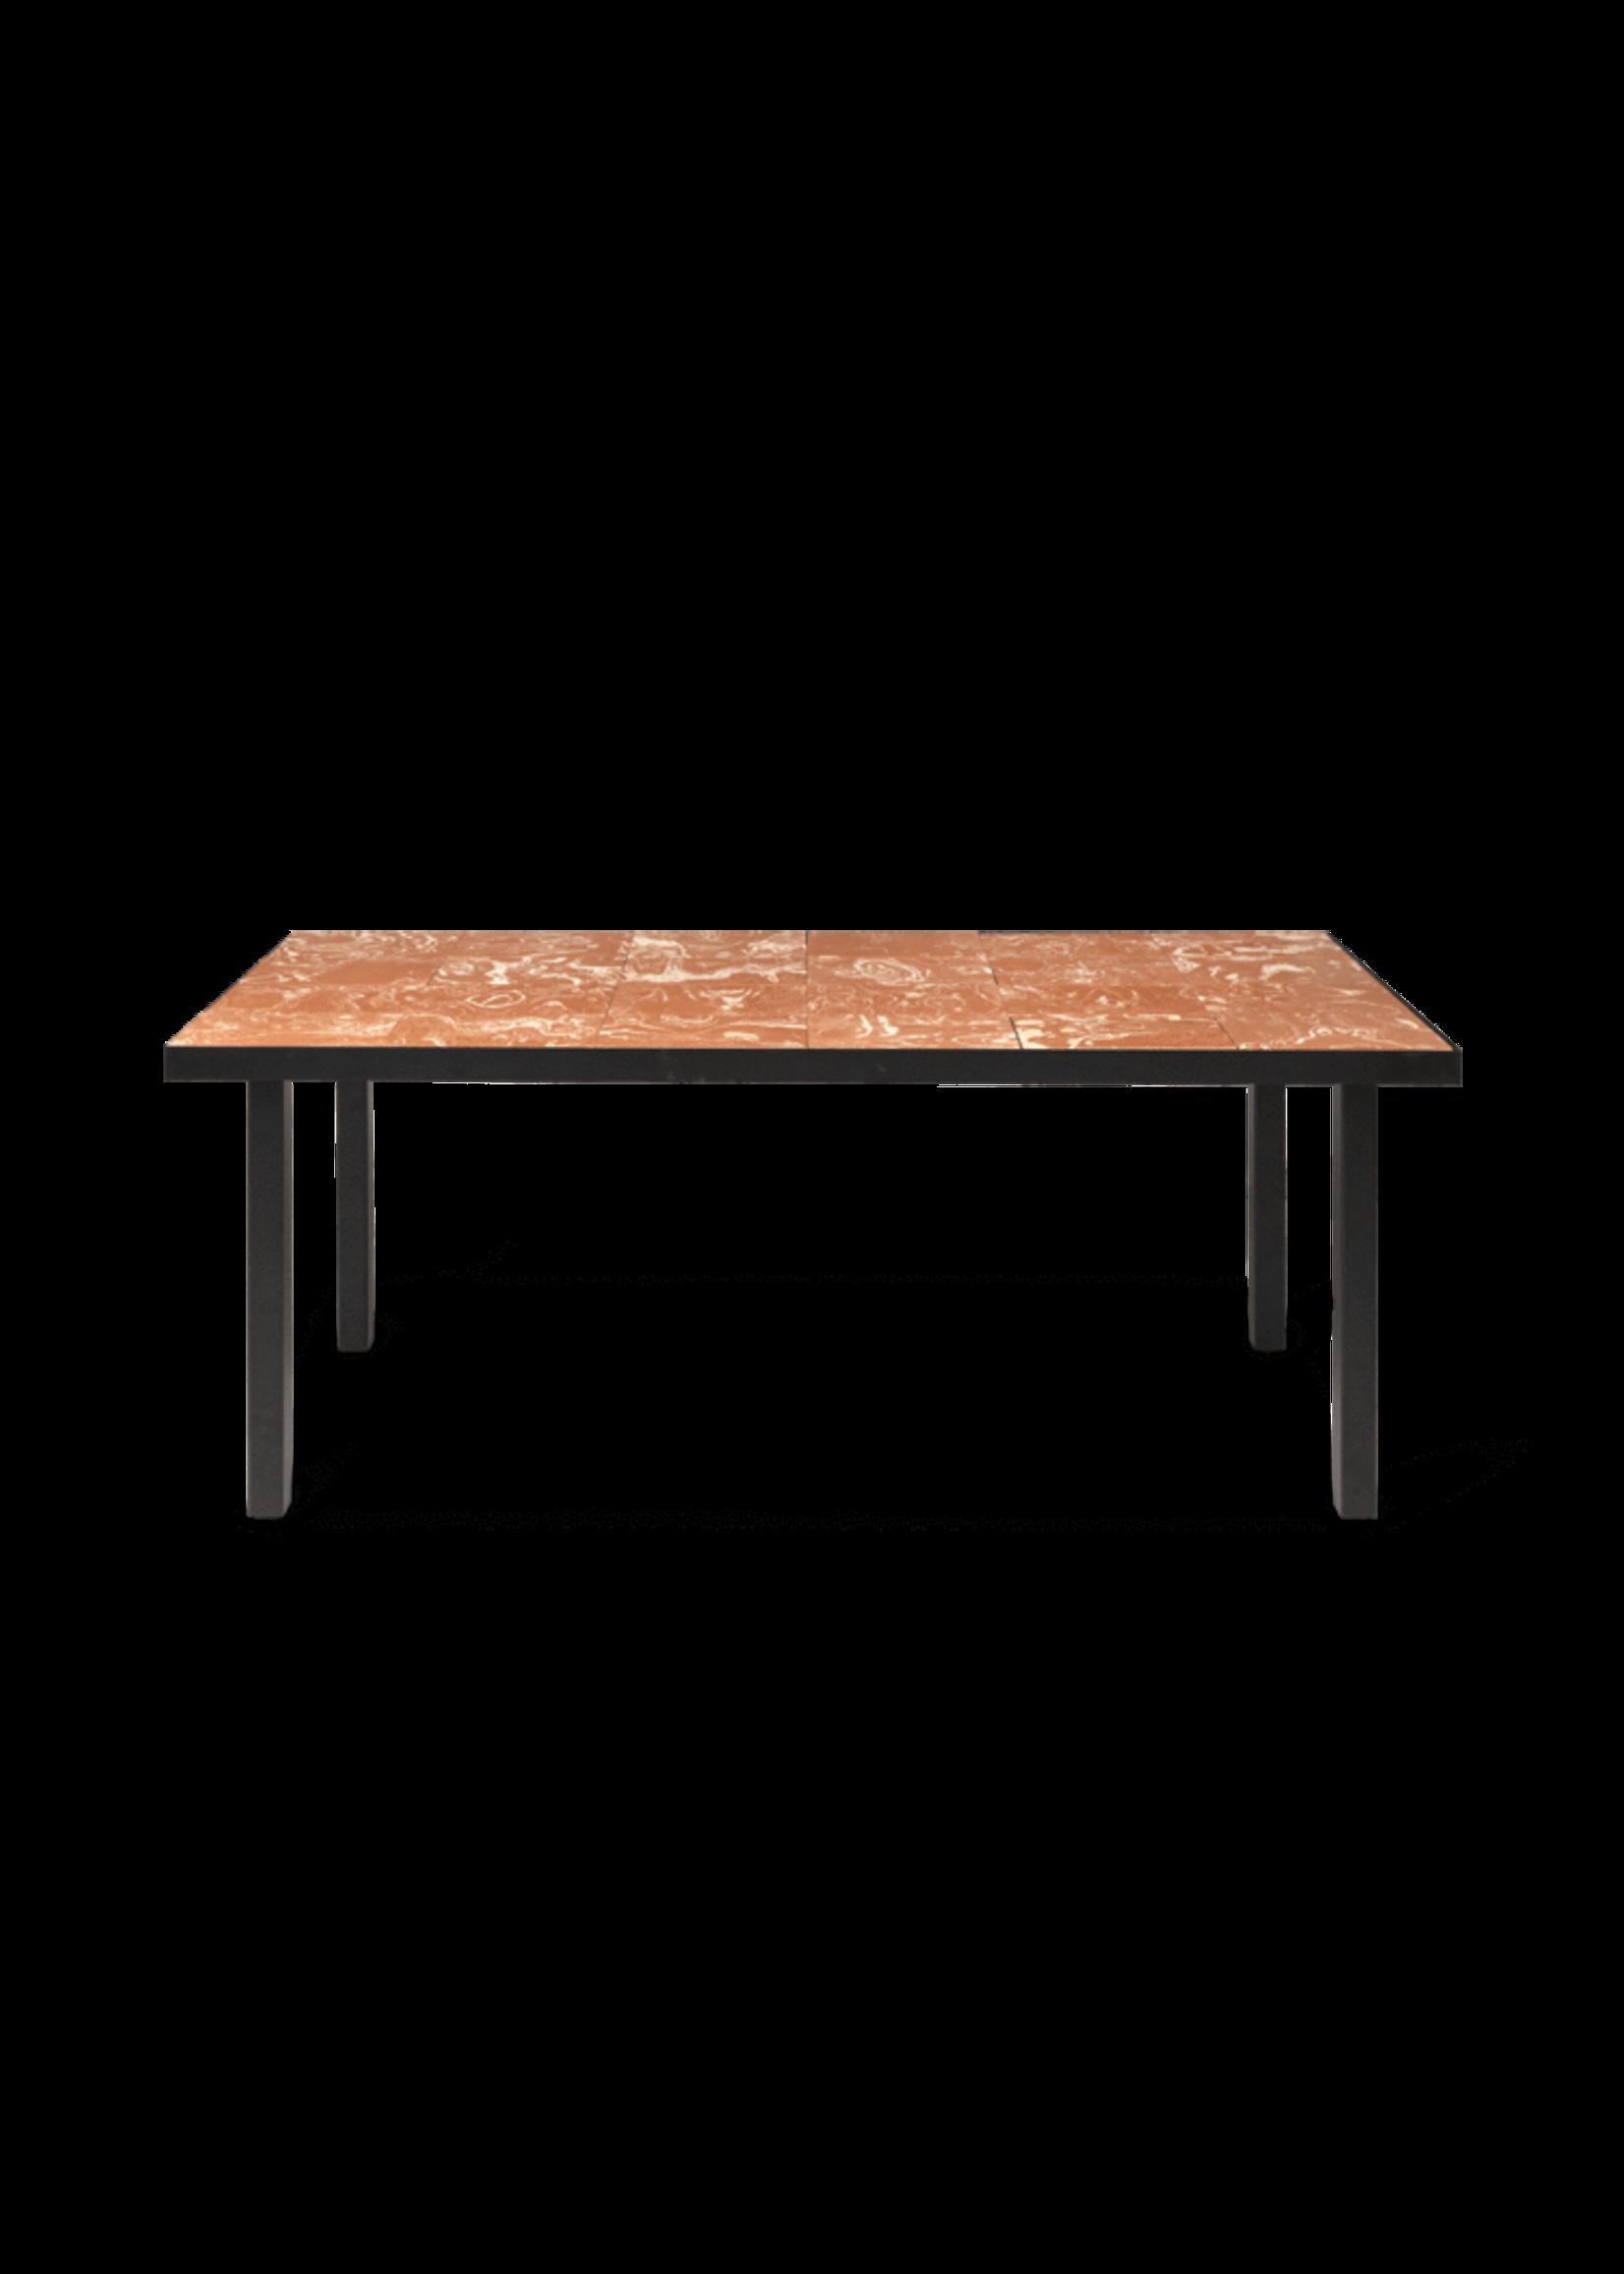 ferm LIVING ferm LIVING Flod Dining Table-Terracotta/Black